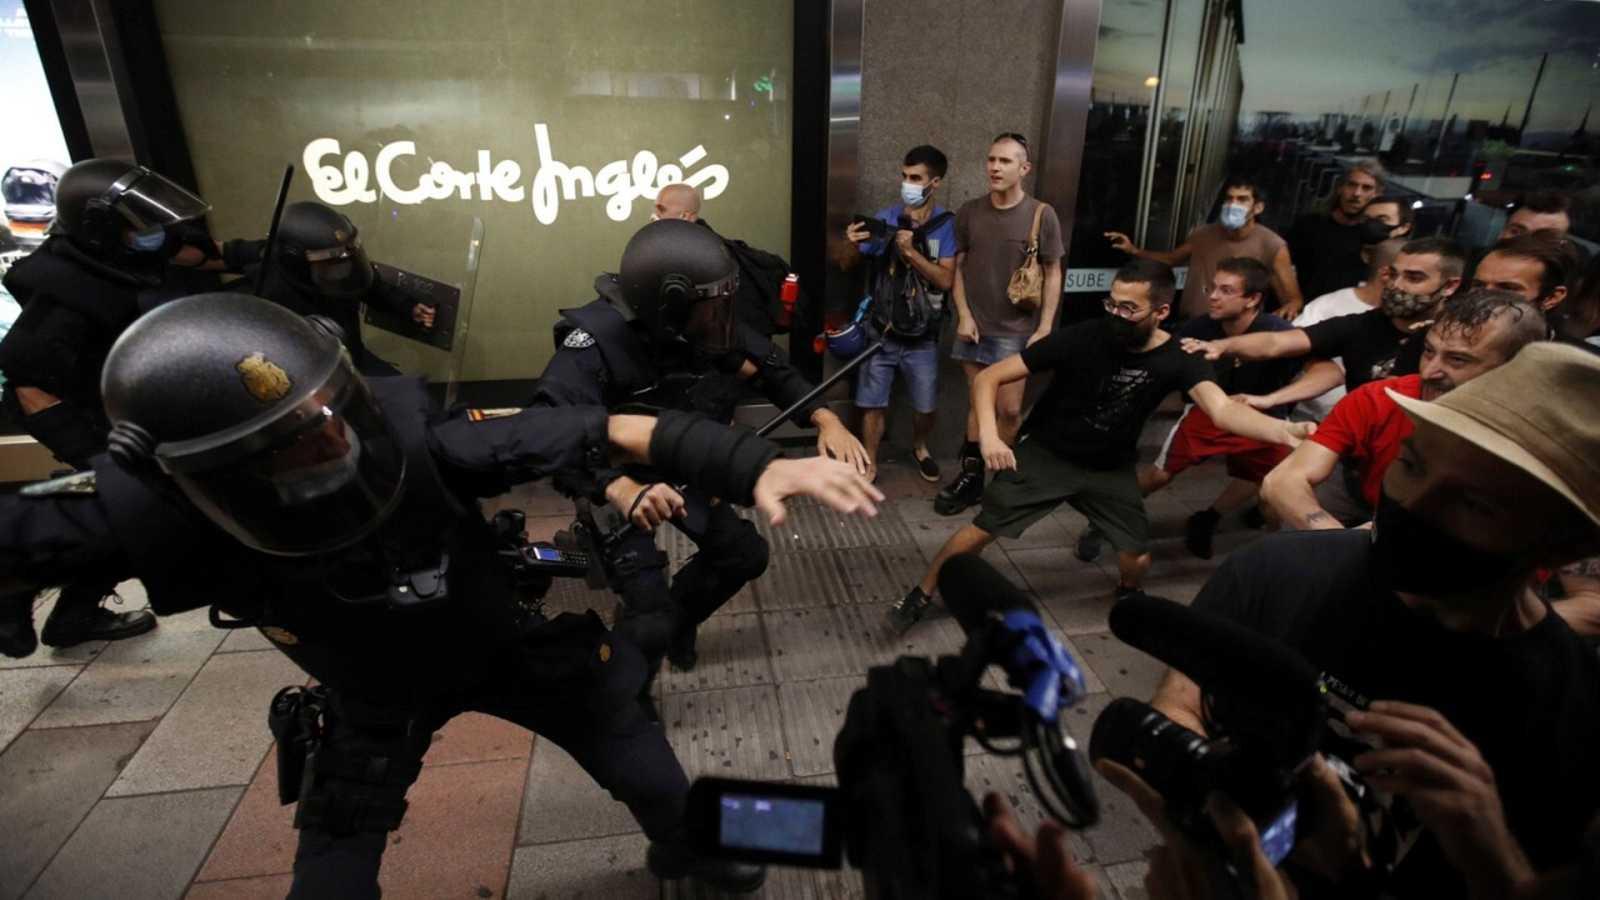 La Delegación del Gobierno en Madrid investigará la actuación policial en las protestas por el asesinato de Samuel - Ver ahora